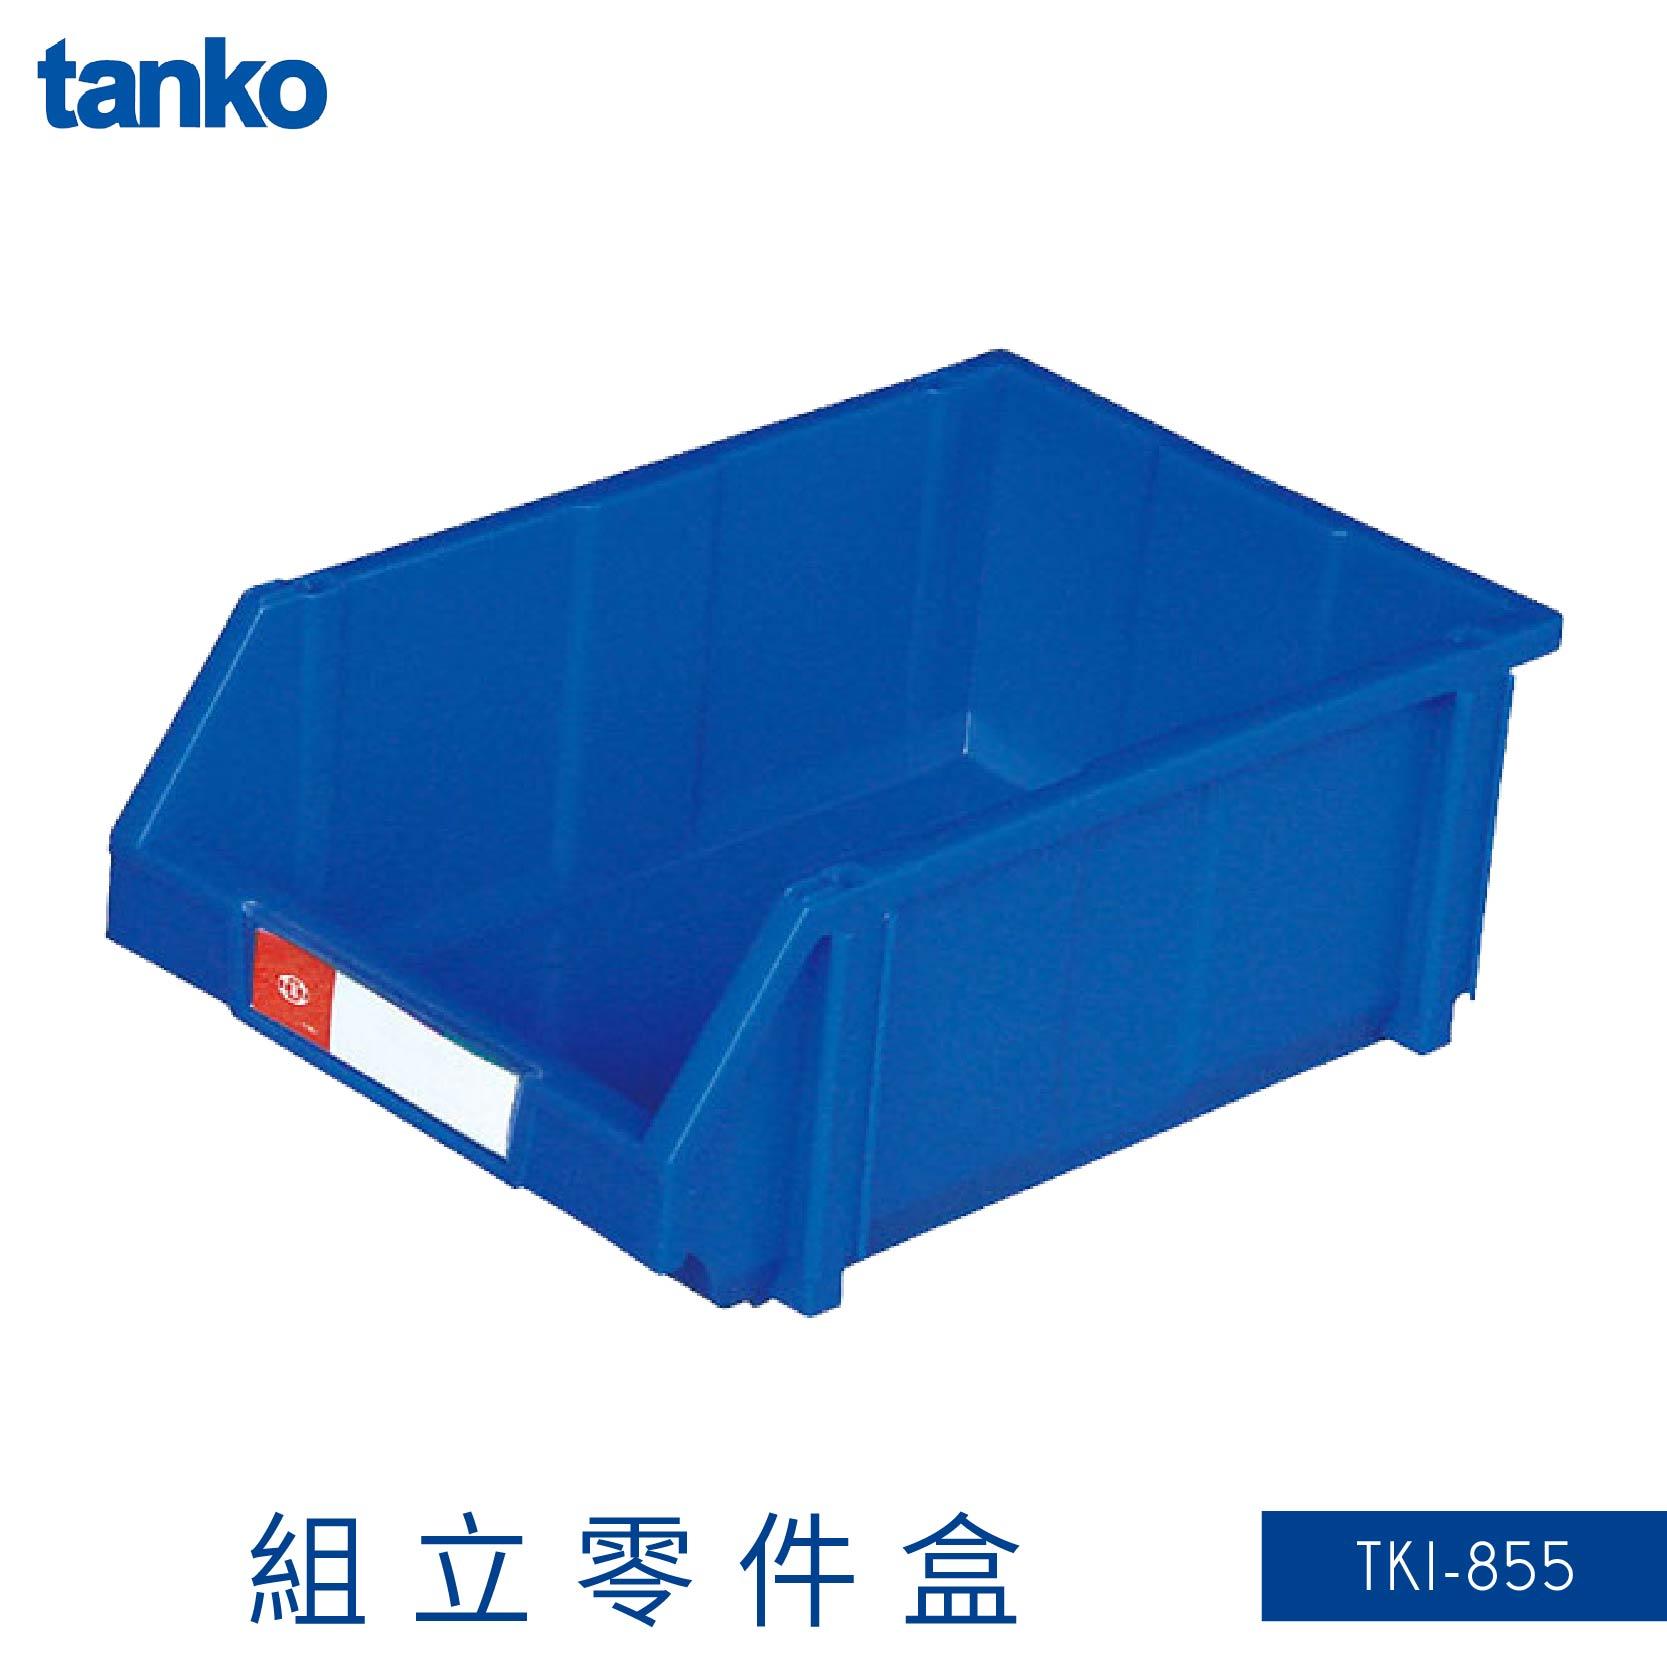 【堅固耐用】天鋼 TKI-855 藍 組立零件盒 耐衝擊 整理盒 車行 維修廠 收納盒 分類盒零件櫃 置物盒 零件箱